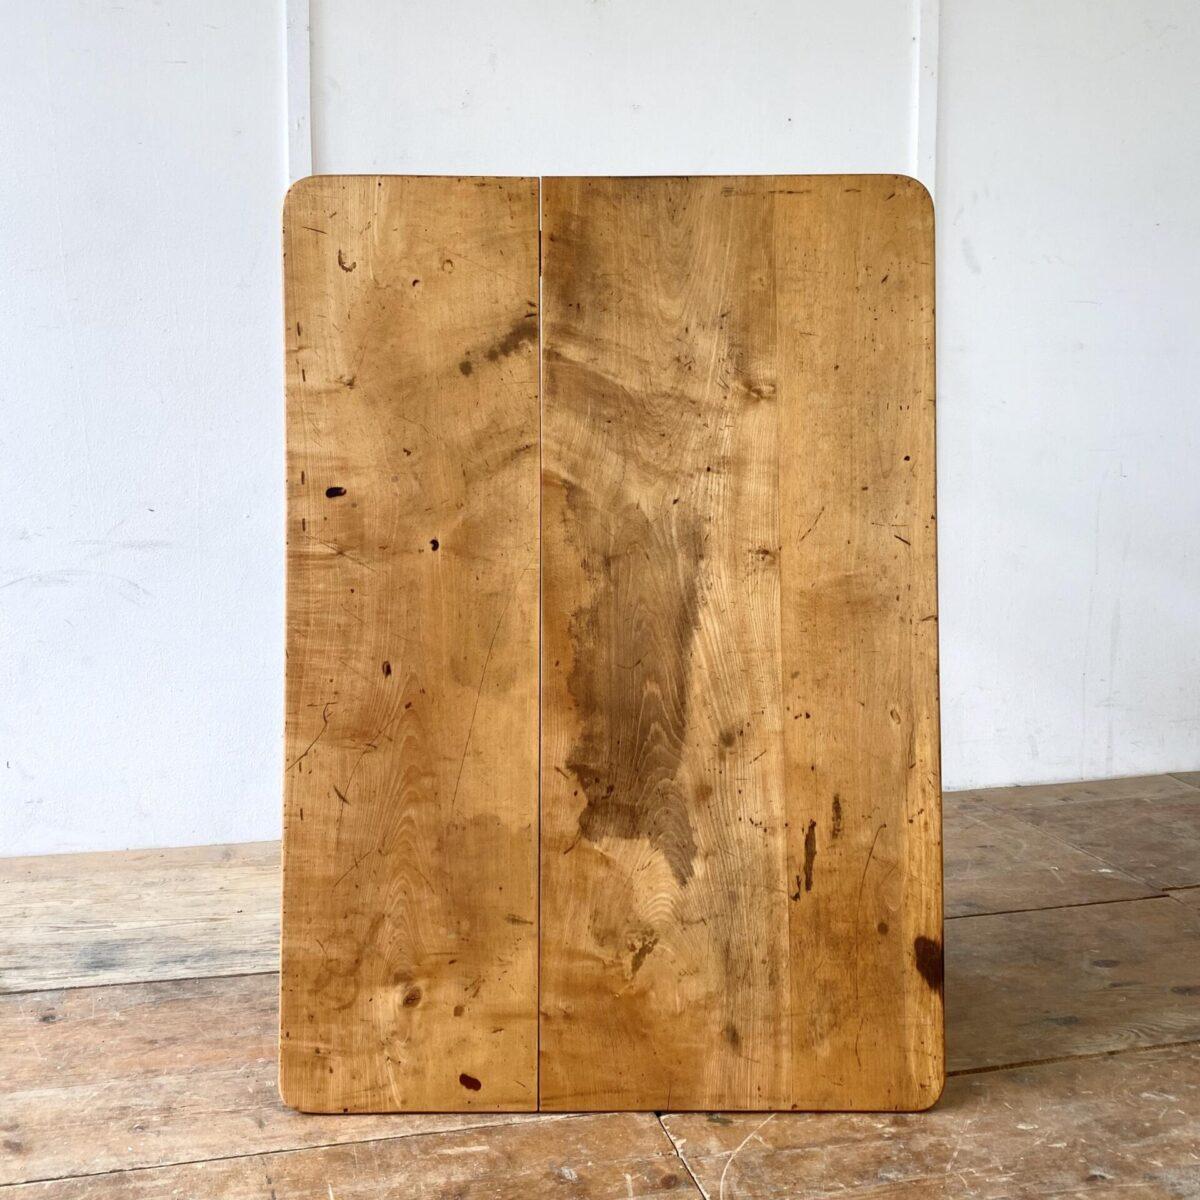 Deuxieme.shop antiker biedermeiertisch schreibtisch. Alter Ahorn Biedermeiertisch mit Patina. 103x73cm Höhe 74.5cm. Das Tischblatt ist etwas Geschüsselt und eine Fuge leicht offen, alles jedoch in stabilem Zustand. Die Holzoberflächen sind geölt.